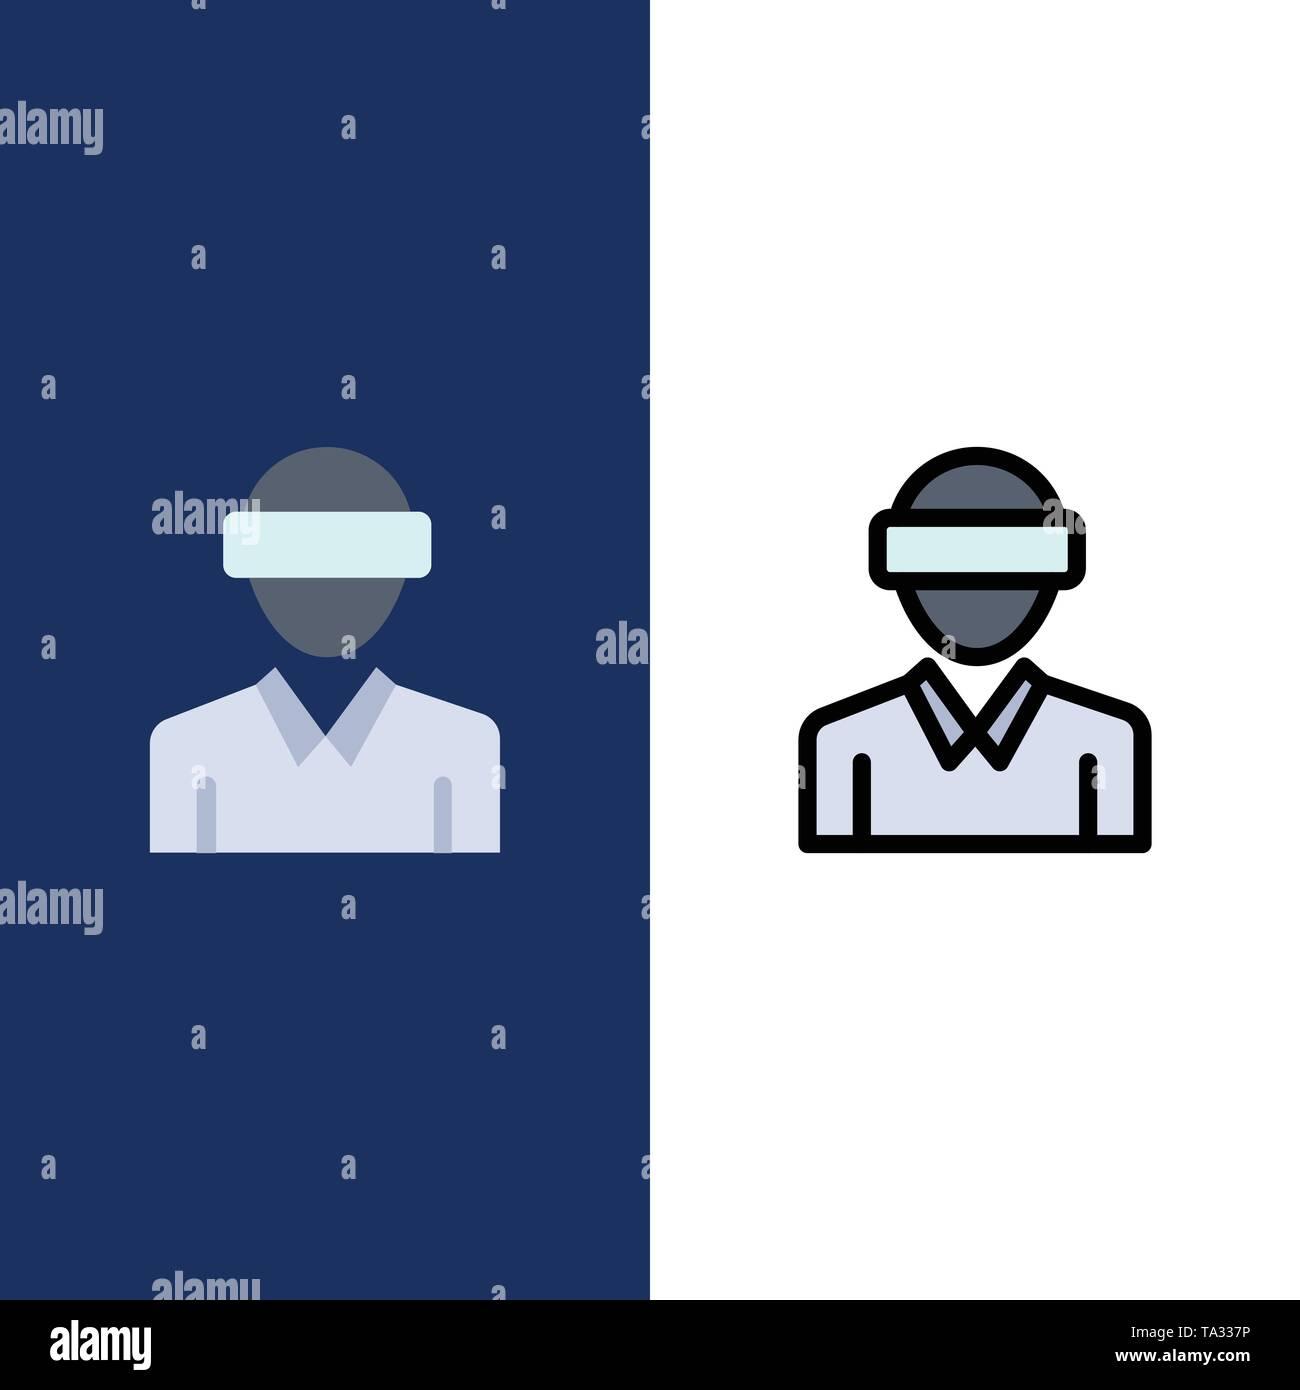 Gläser, Motion, Realität, Technik, Mensch Symbole. Flach und Online ausgefüllt Icon Set Vektor blauem Hintergrund Stockbild